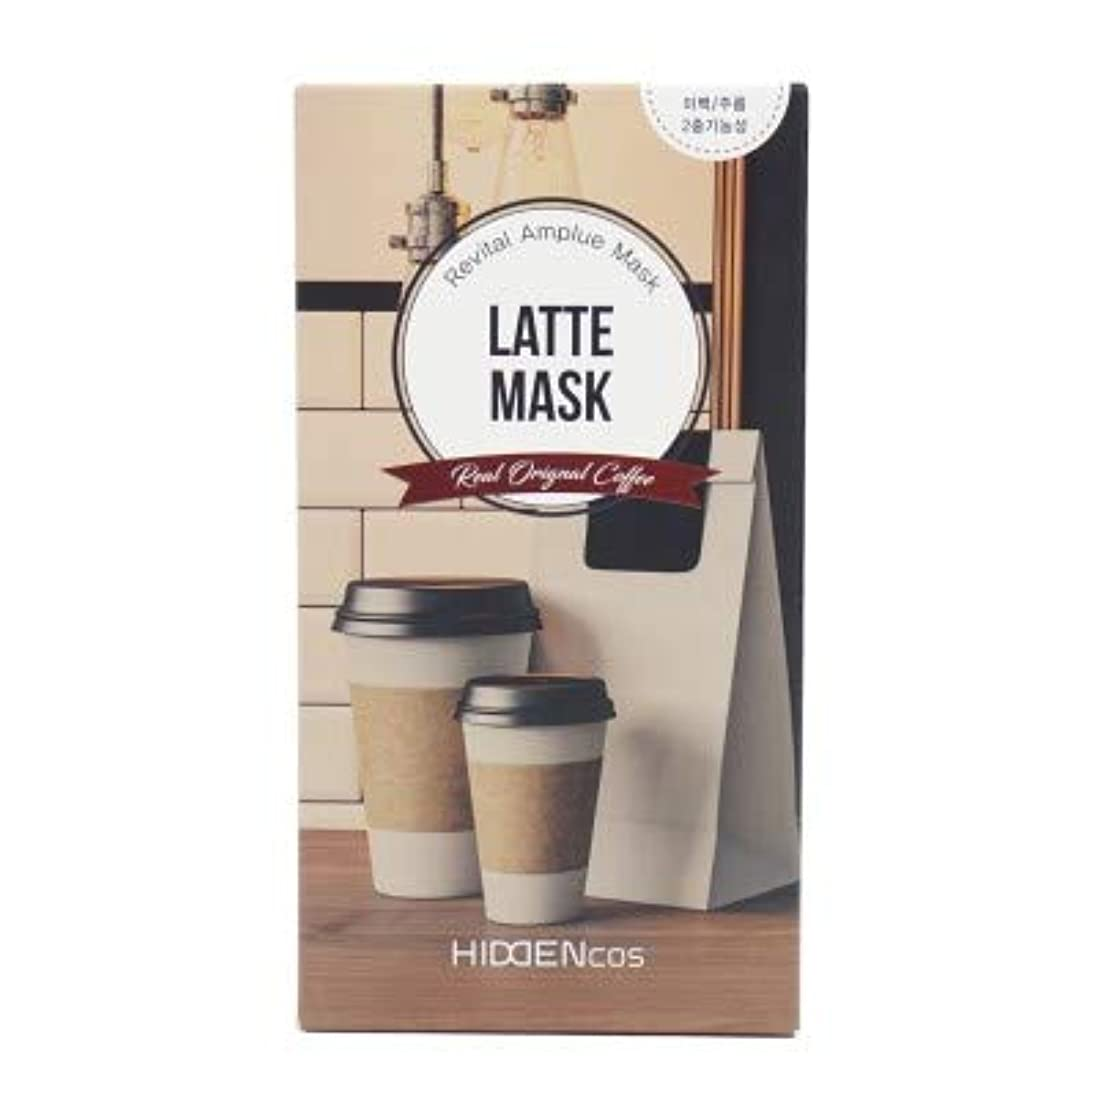 女性ベリービールヒデンコス(Hiddencos) リバイタルアンプルマスクラテマスク25gx10 / Revital Ampoule Mask Latte Mask